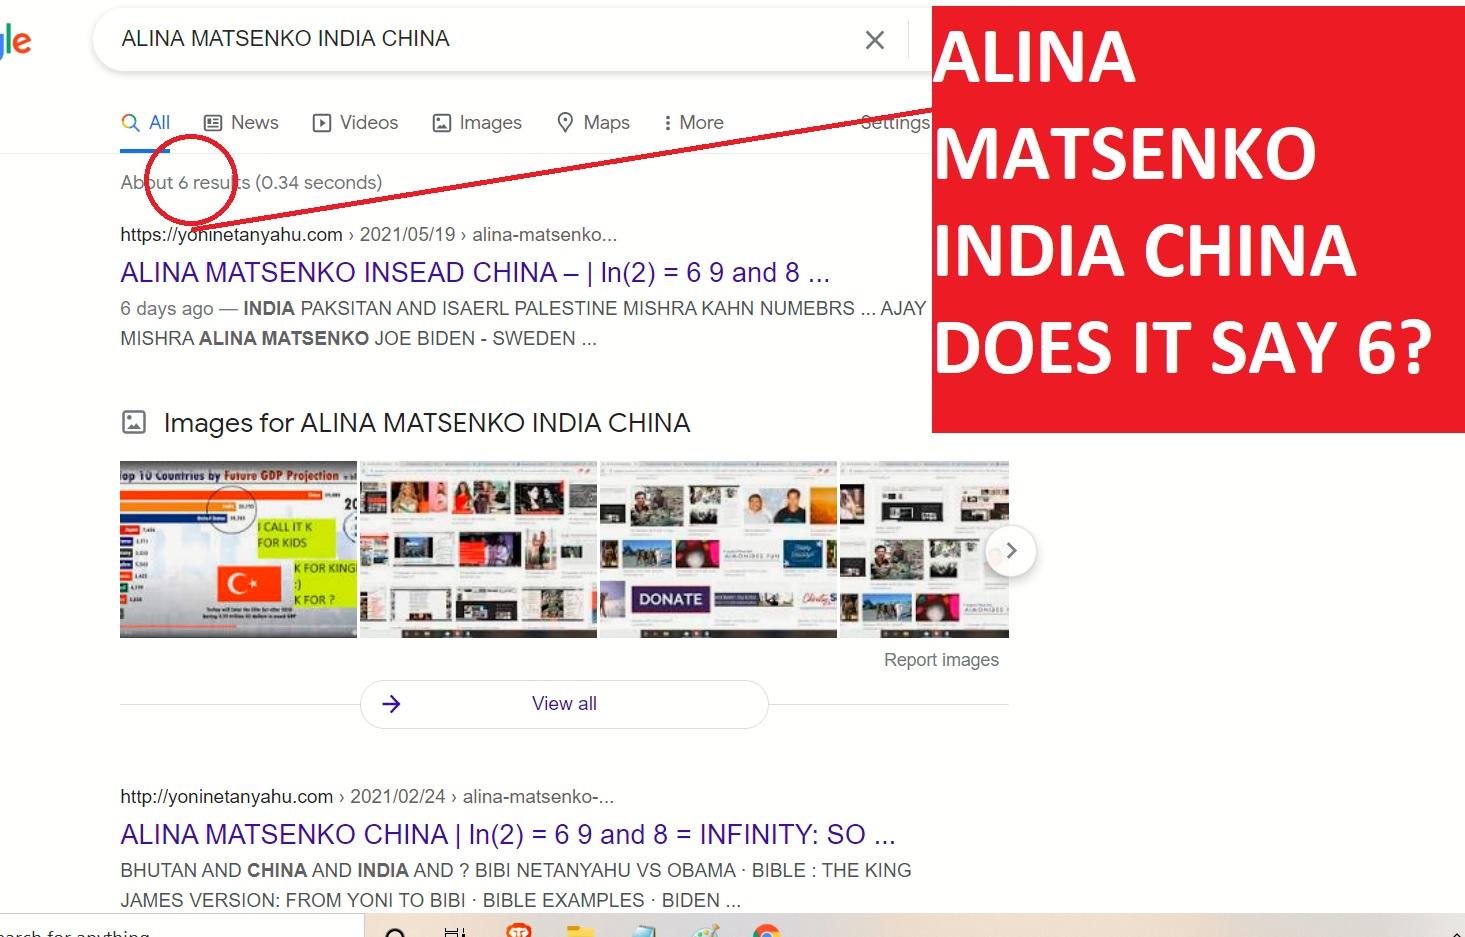 ALINA MATSENKO INDIA CHINA DOES IT SAY 6